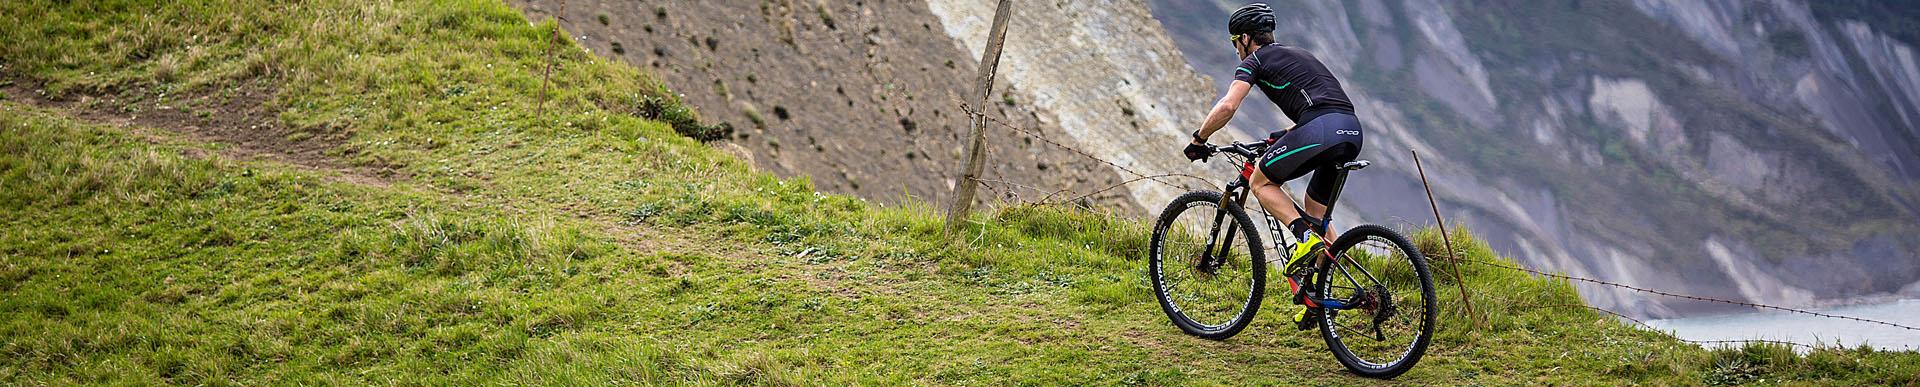 Pantalon ciclism orca